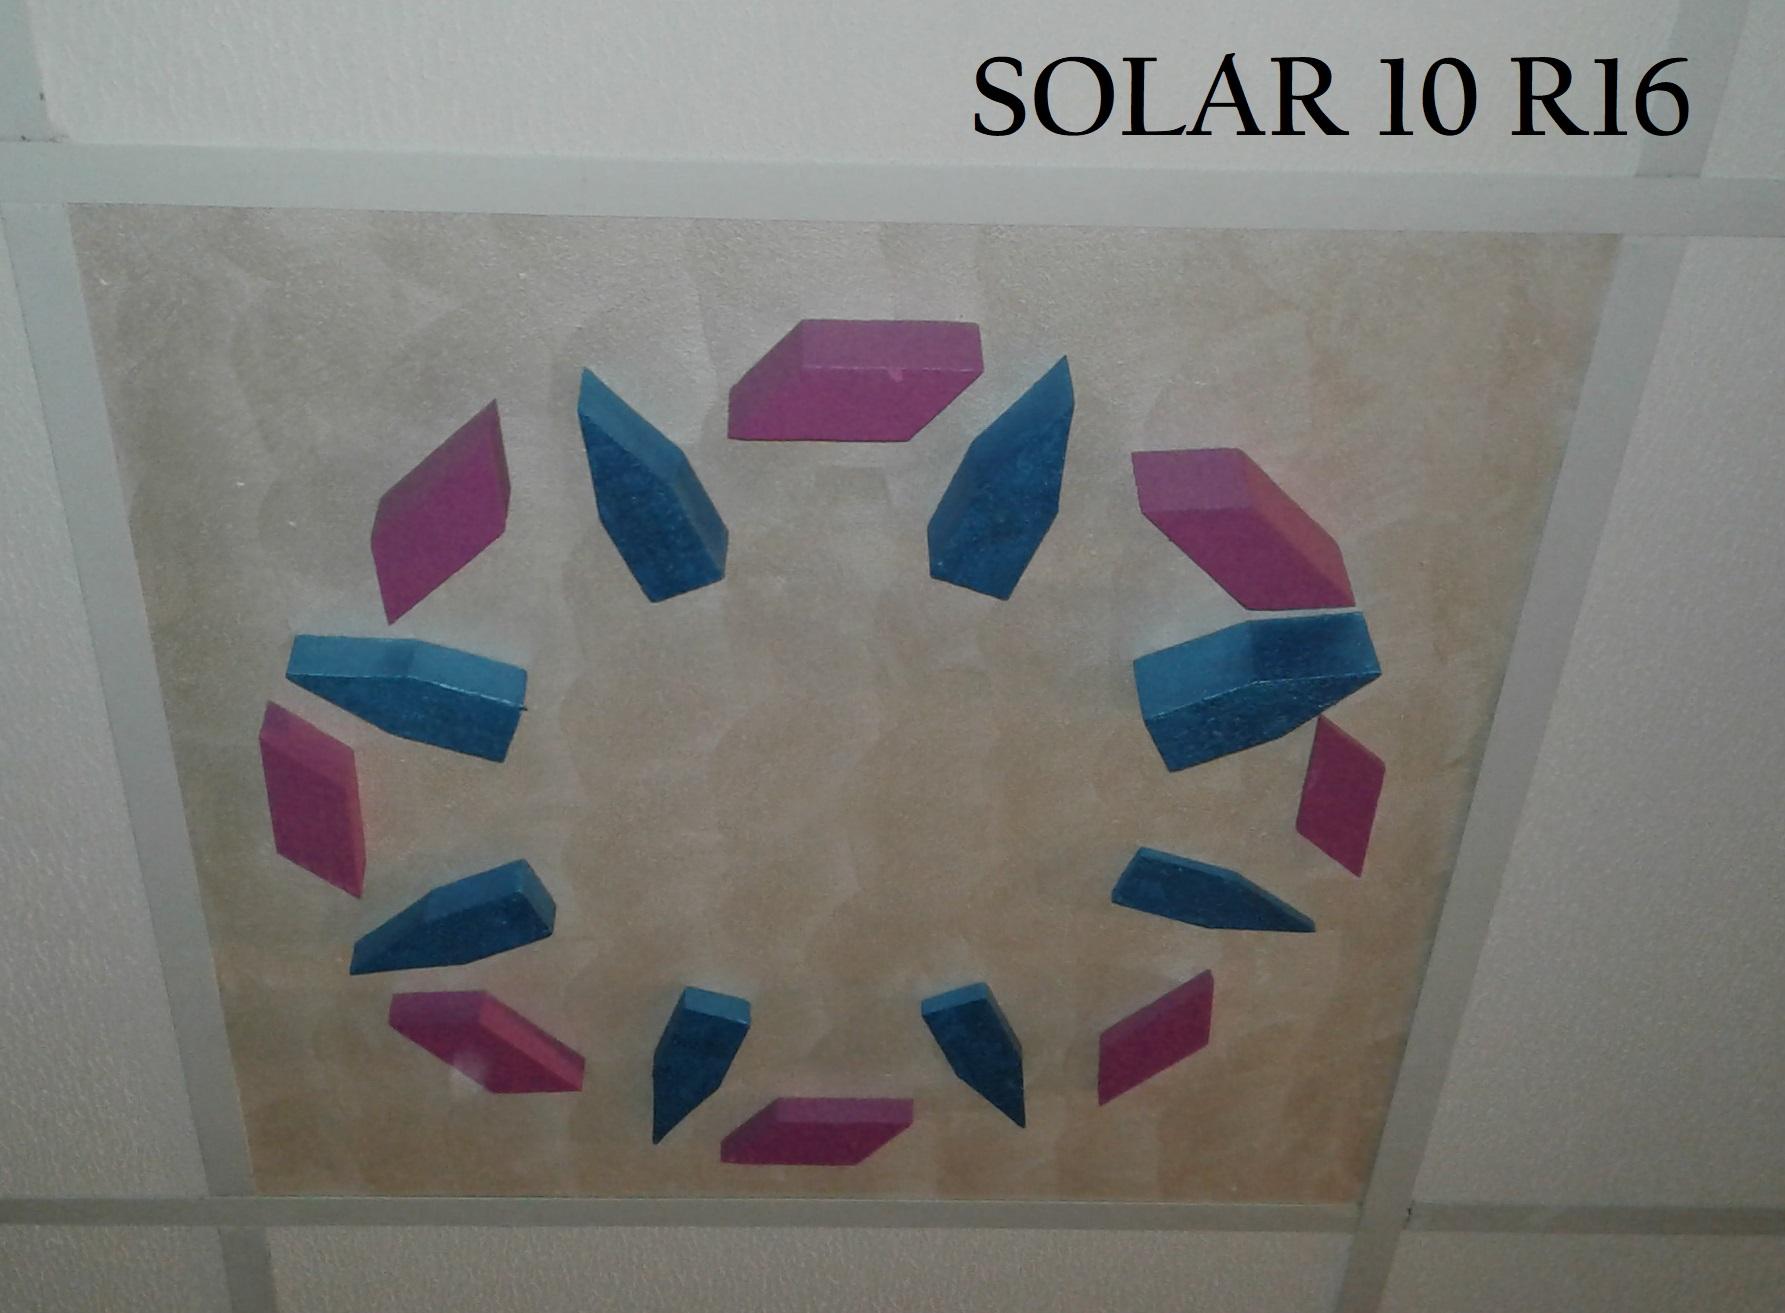 SOLAR 10 R16